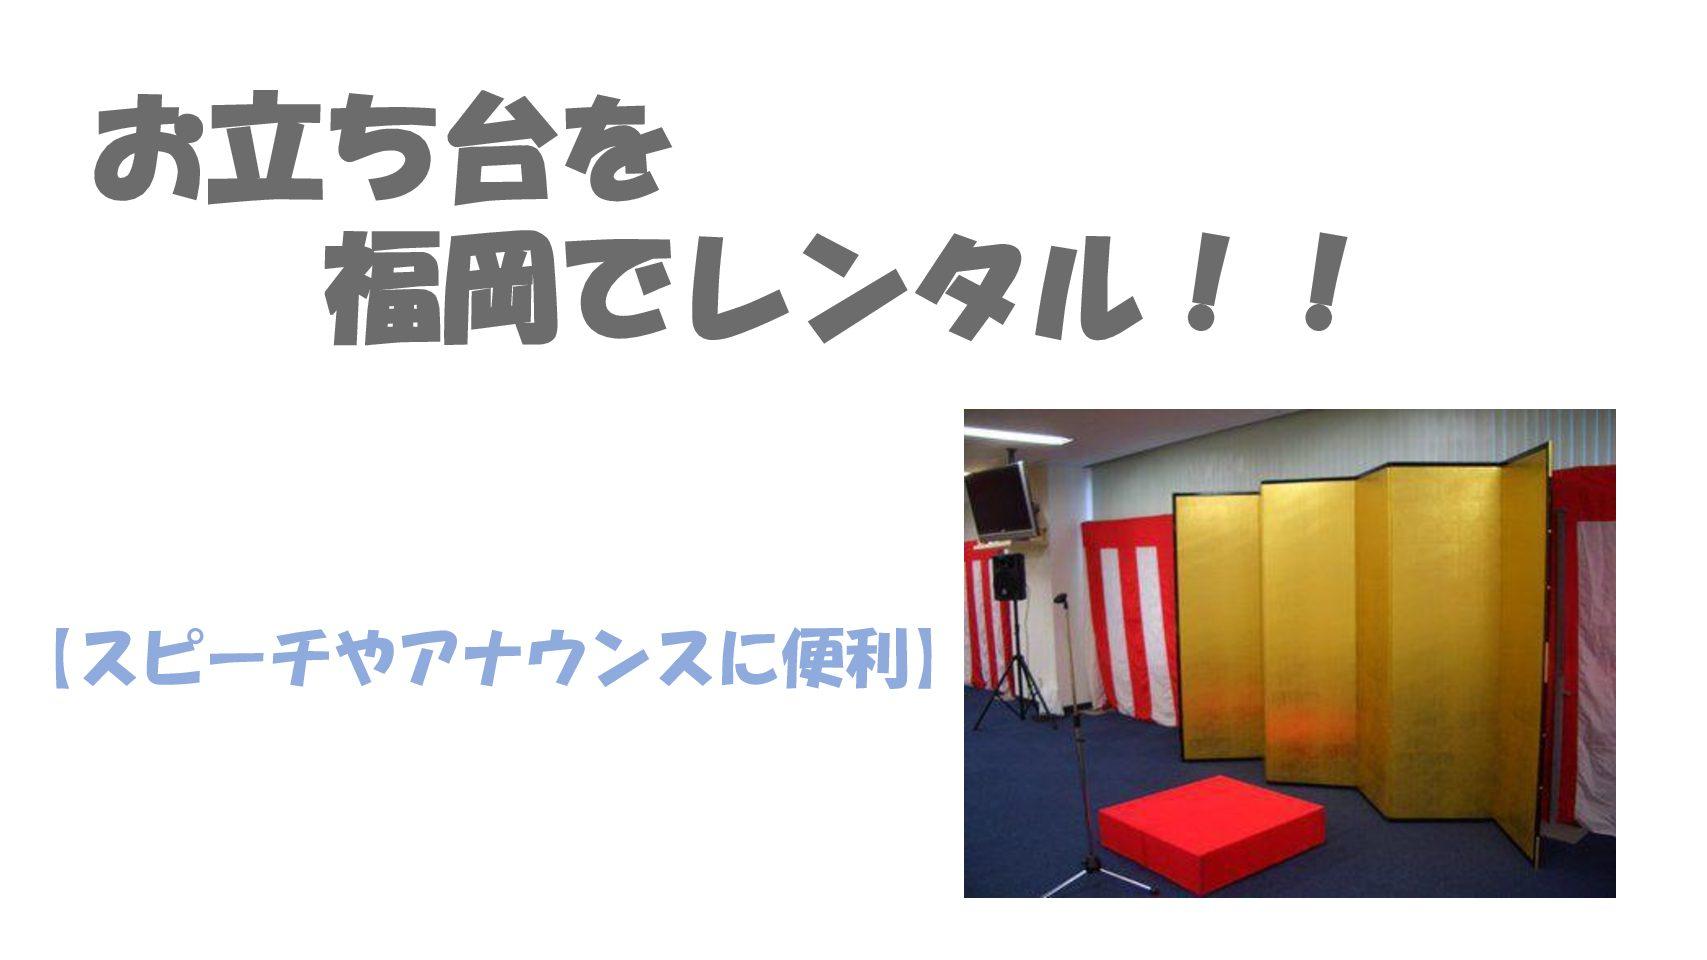 福岡でお立ち台をレンタルしたい方へ